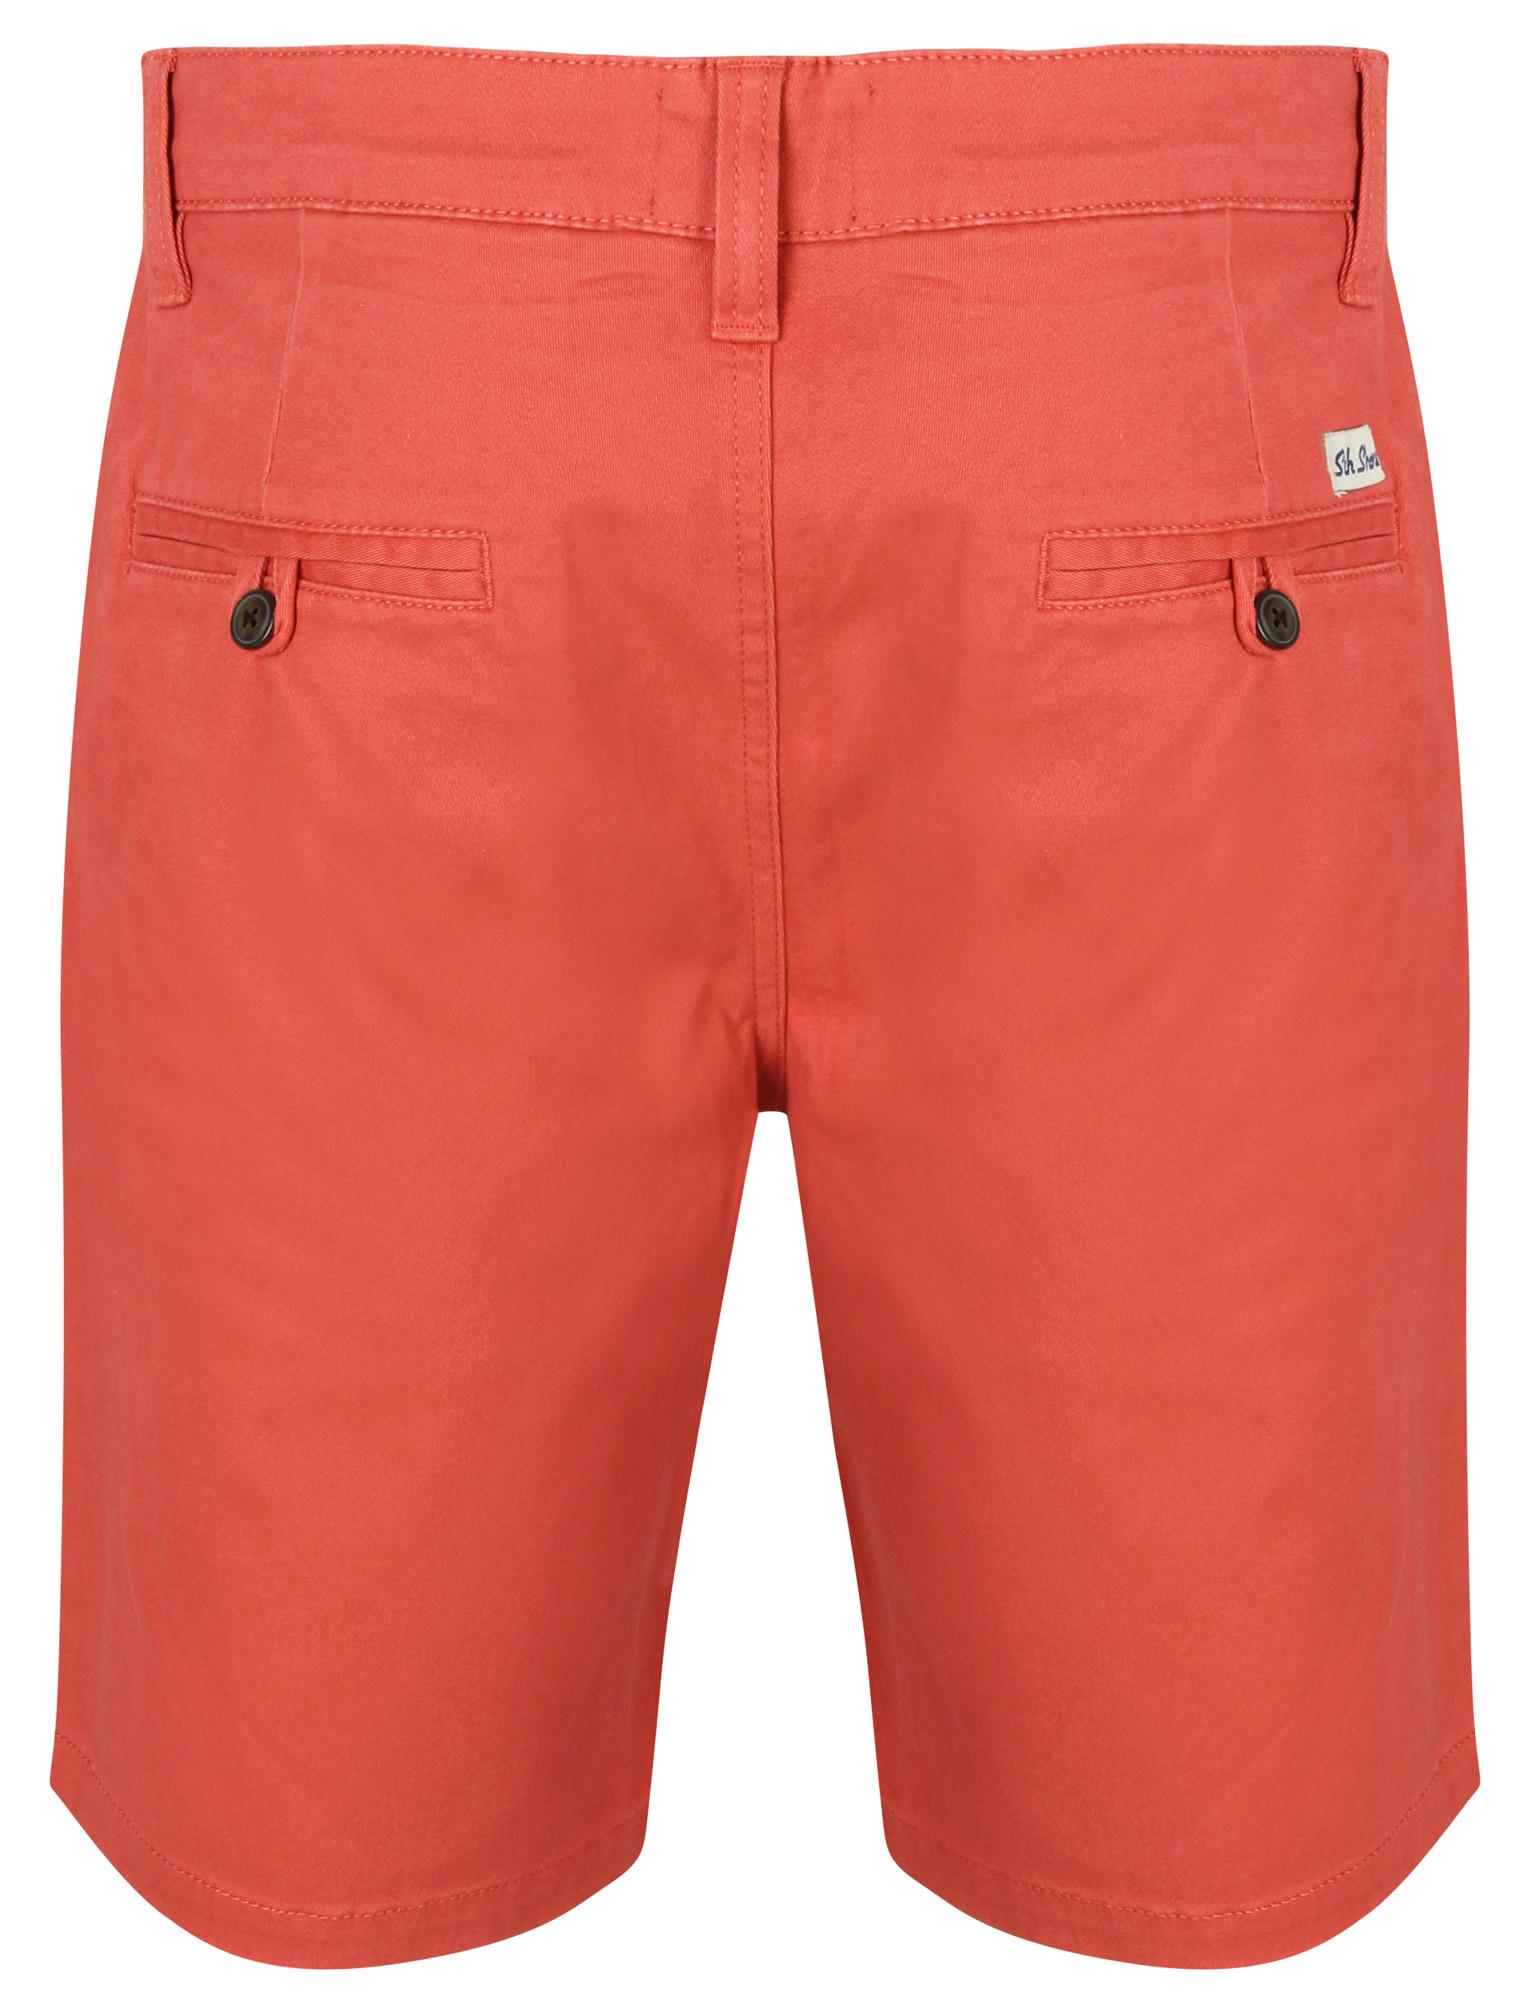 South-Shore-uomo-Scotch-Tinta-Unita-Cotone-Twill-Casual-Jeans-Corti-Chino-Taglia-S-XXL miniatura 11